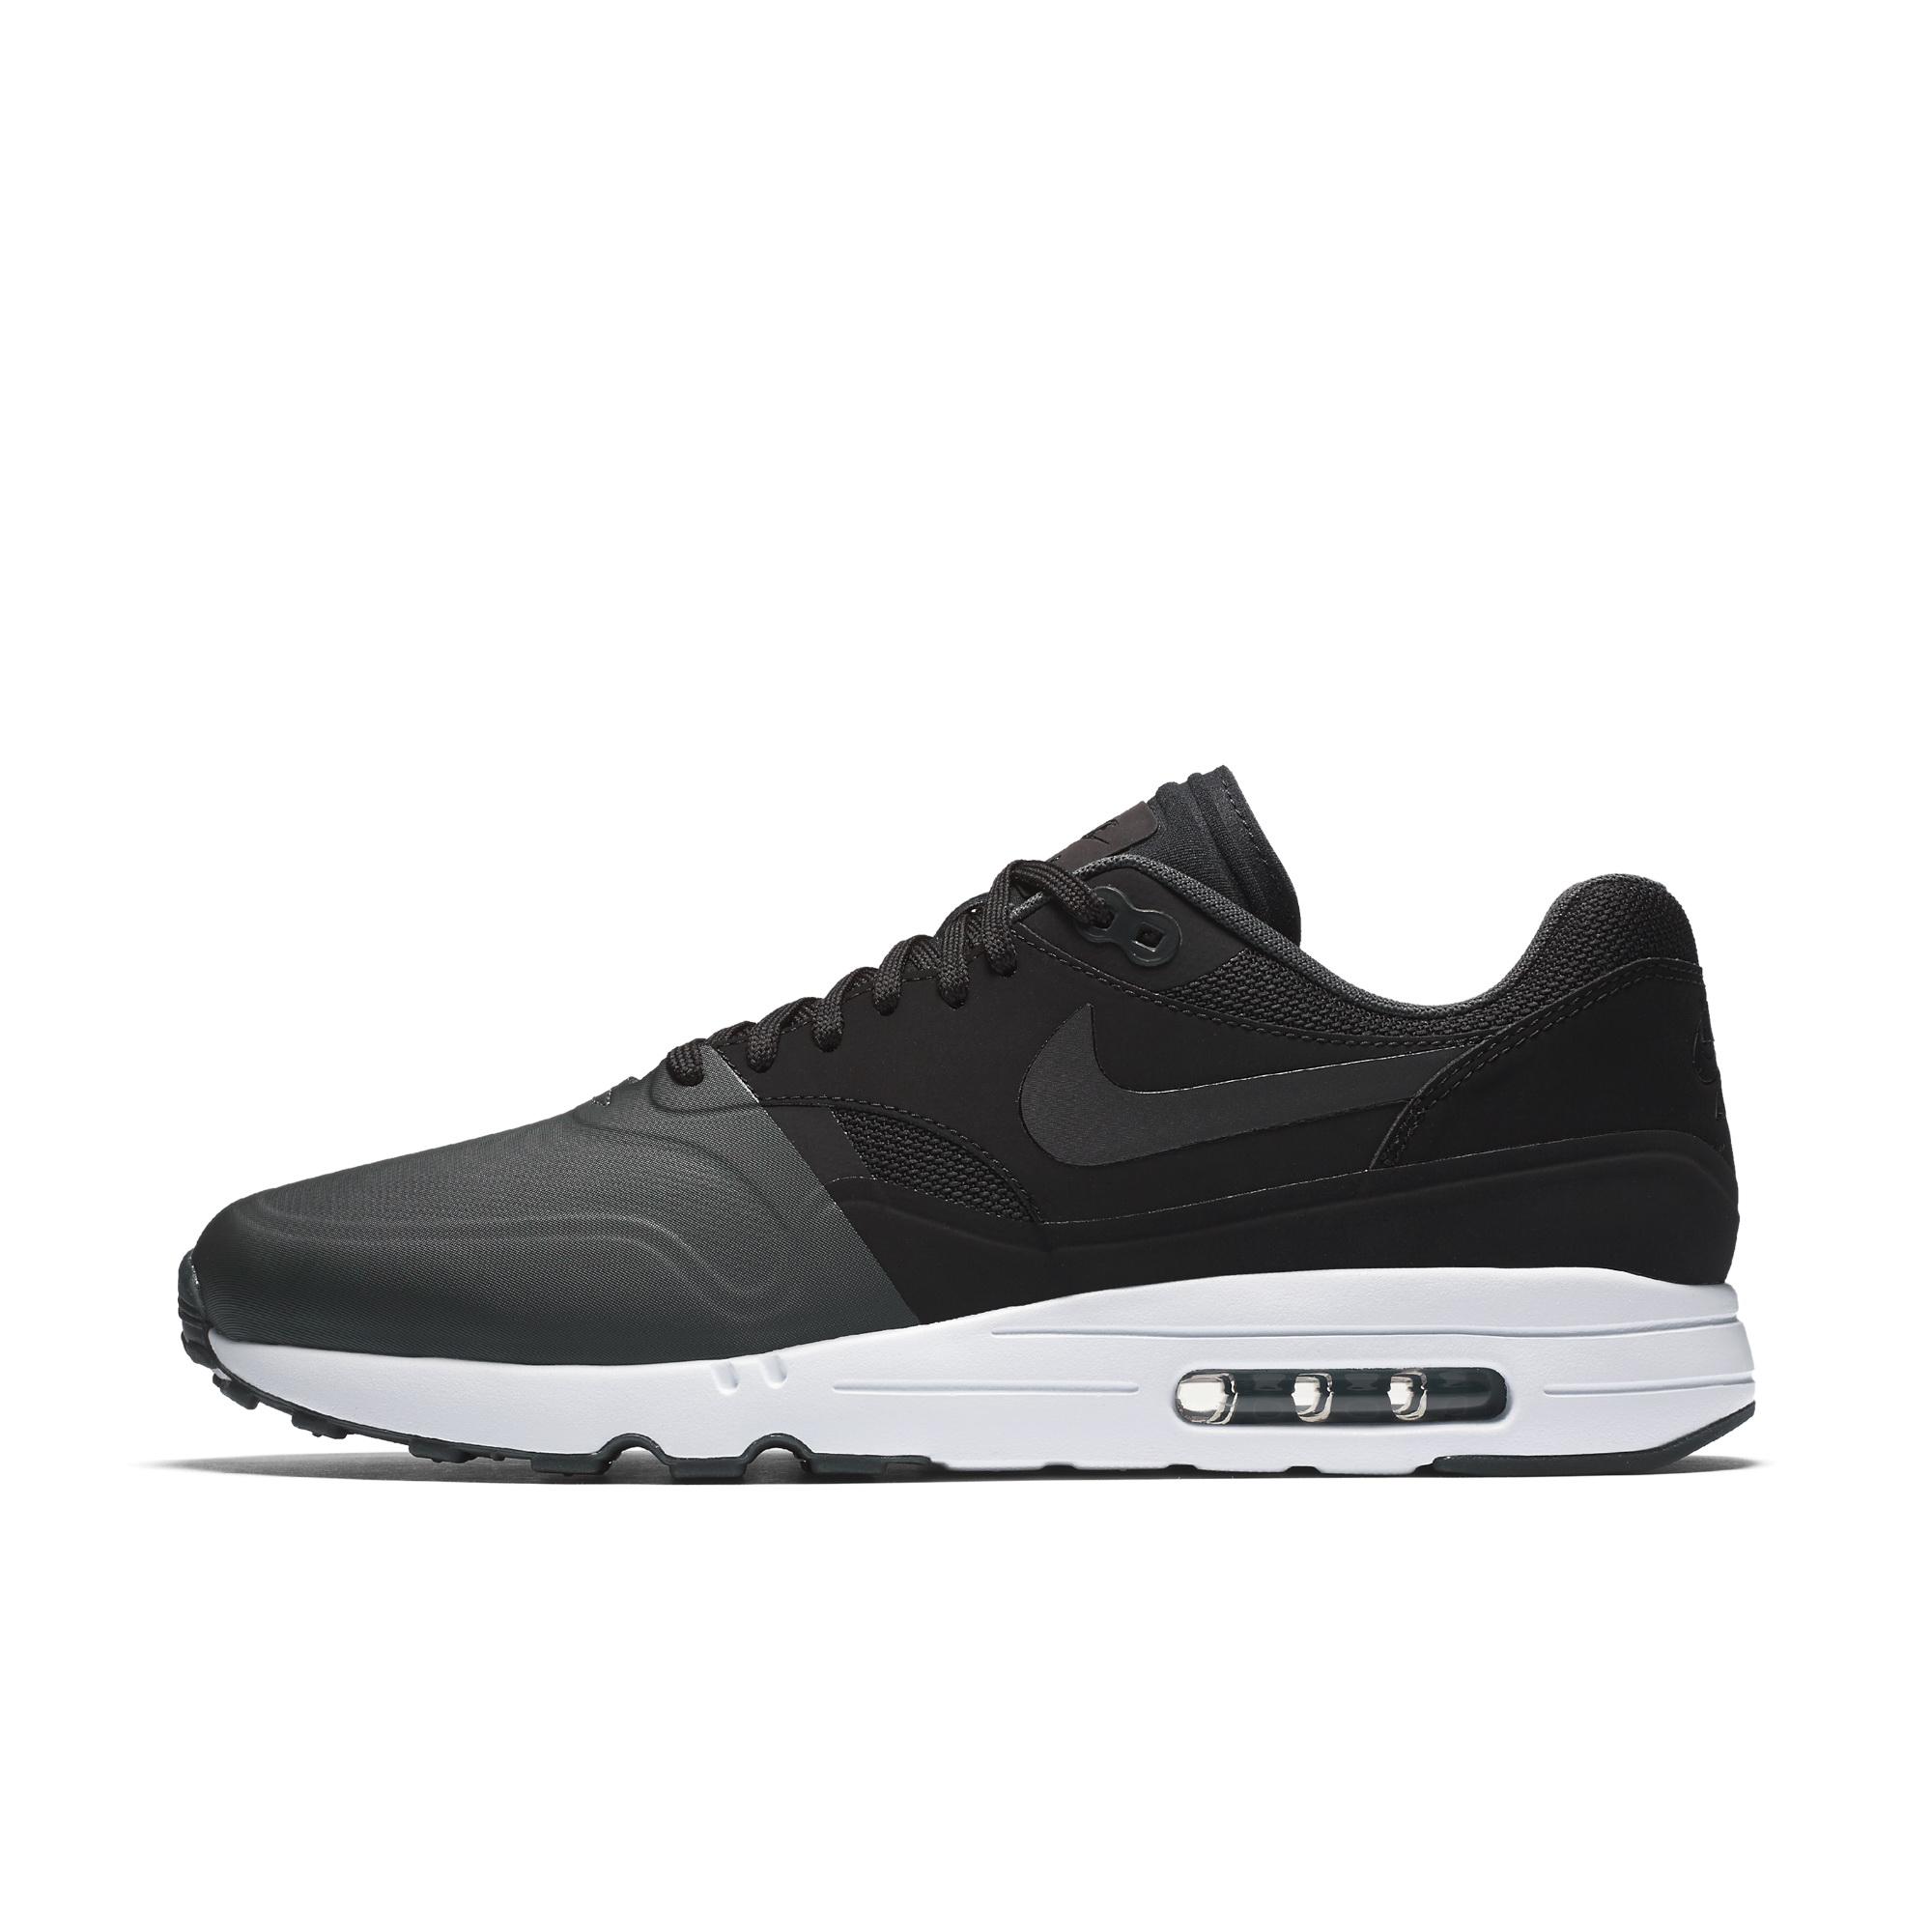 Nike AIR MAX 1 ULTRA 2.0 SE MENS SNEAKERS 875845-002